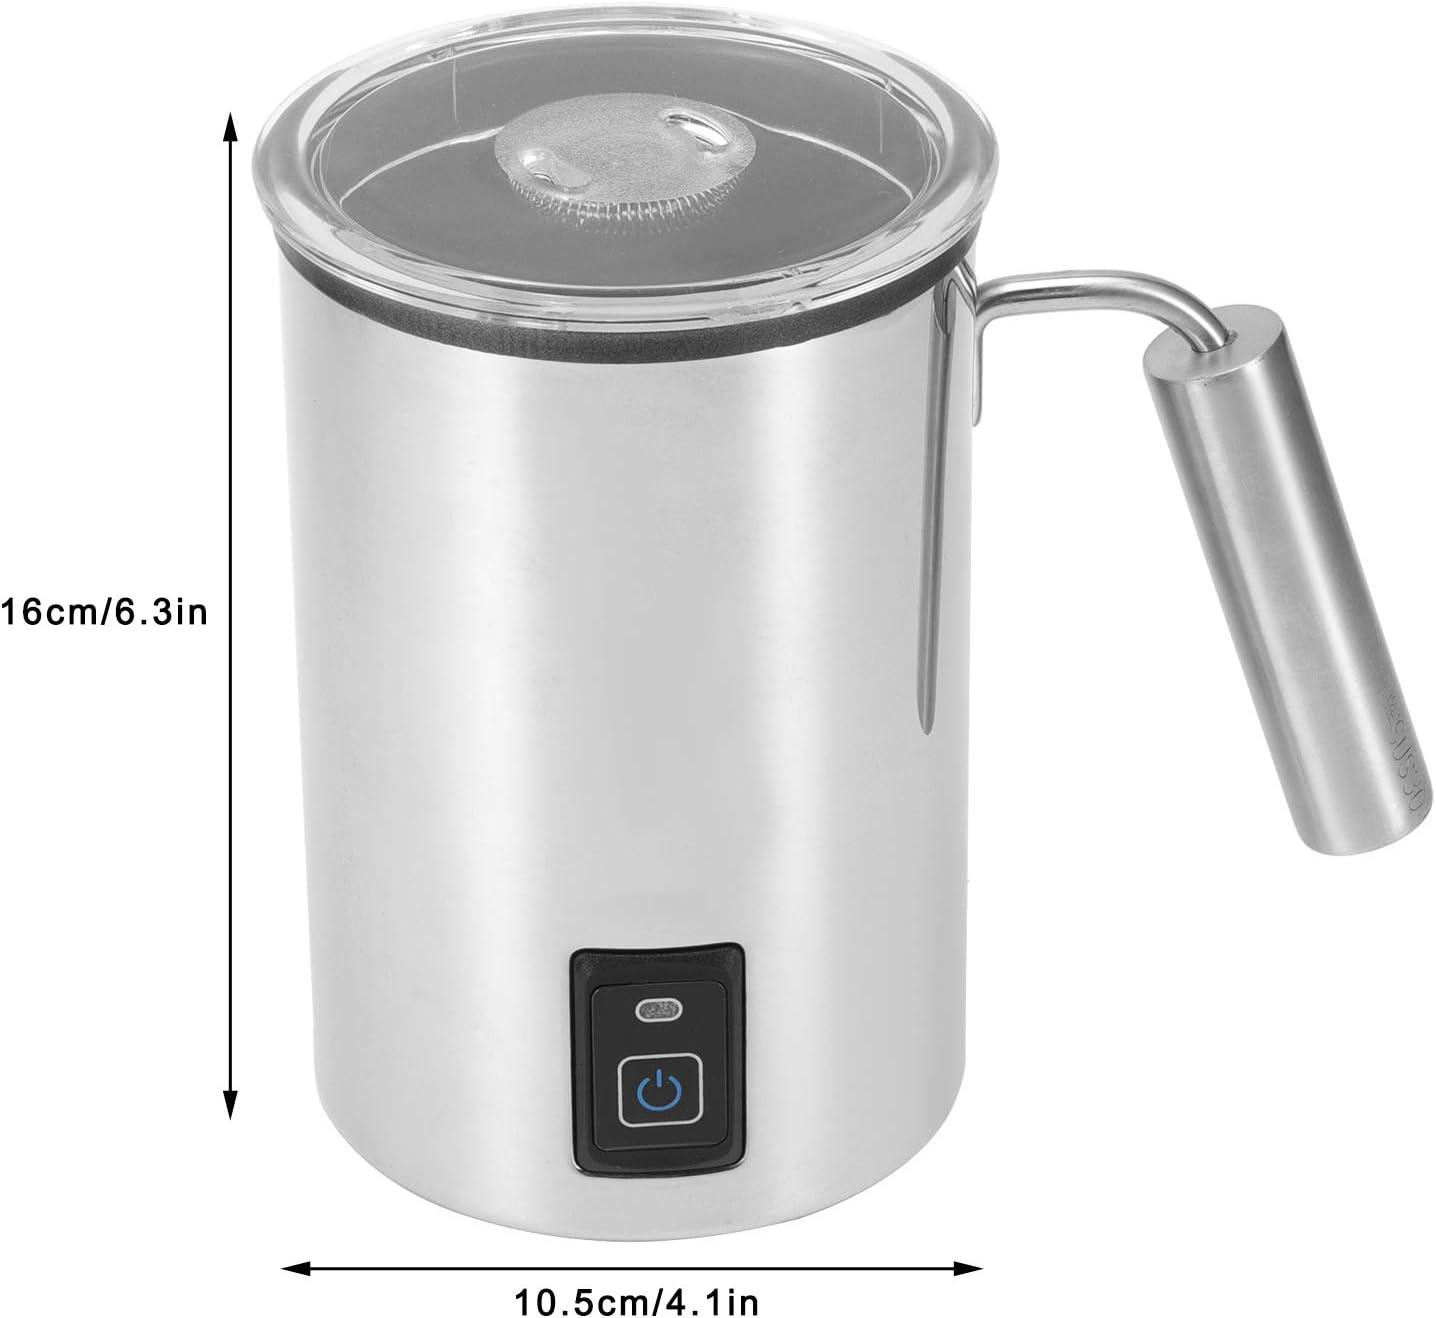 Calentador de Leche 500W EU 220‑240V para preparaci/ón de Espuma de Leche Latte Cappuccinos Calentador de Leche Crema de Leche de Acero Inoxidable Yisentno Espumador de Leche